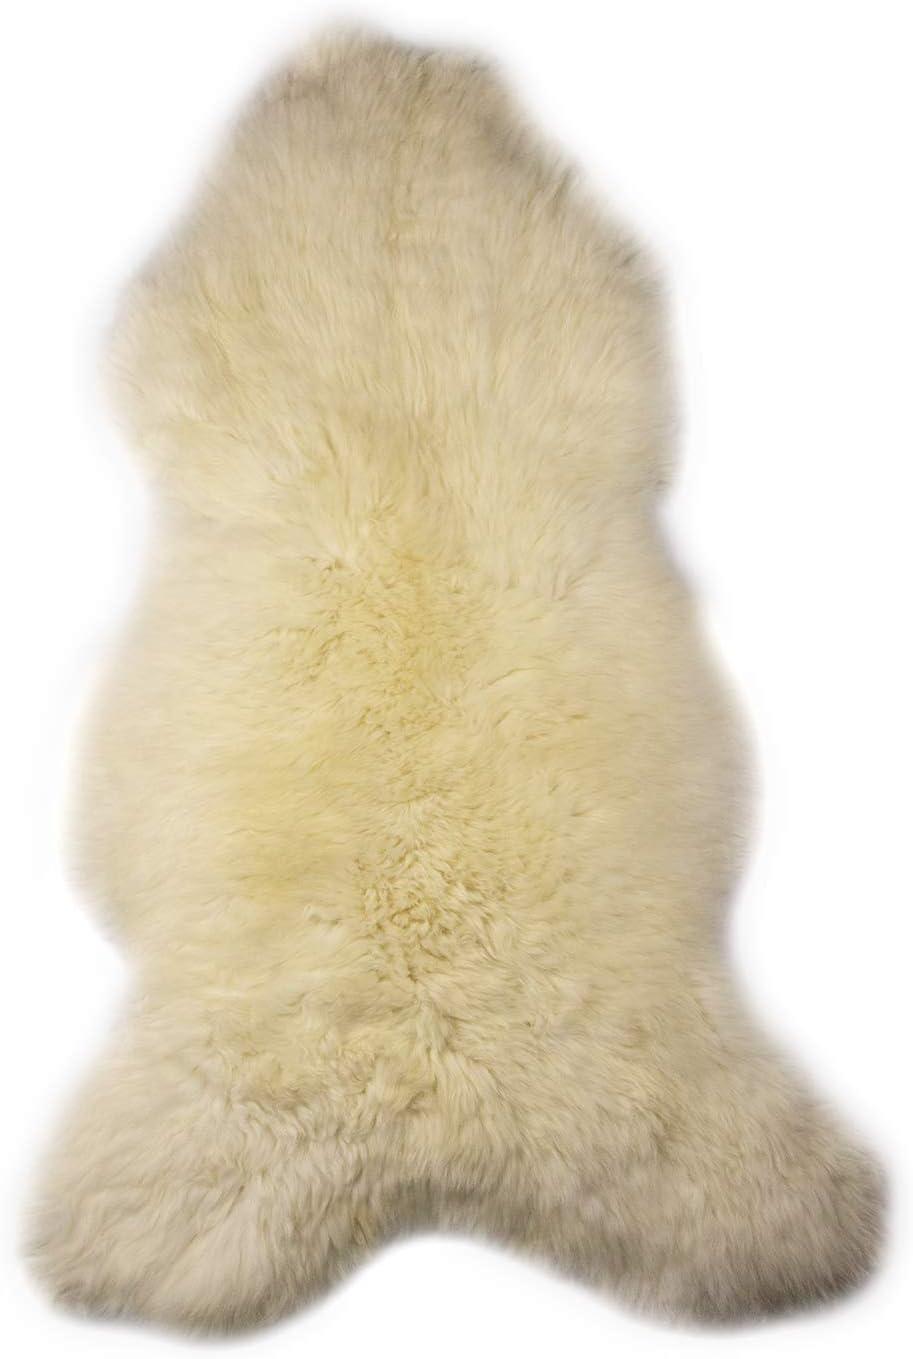 Zerimar 天然ラムスキンエリアラグ サイズ:4フィート08インチ×2フィート58フィート ベビー用シープスキンラグ ラムスキンベビーラグ シープスキンラグ 純正 本物のシープスキンラグ シープスキンラグ シープスキンラグ